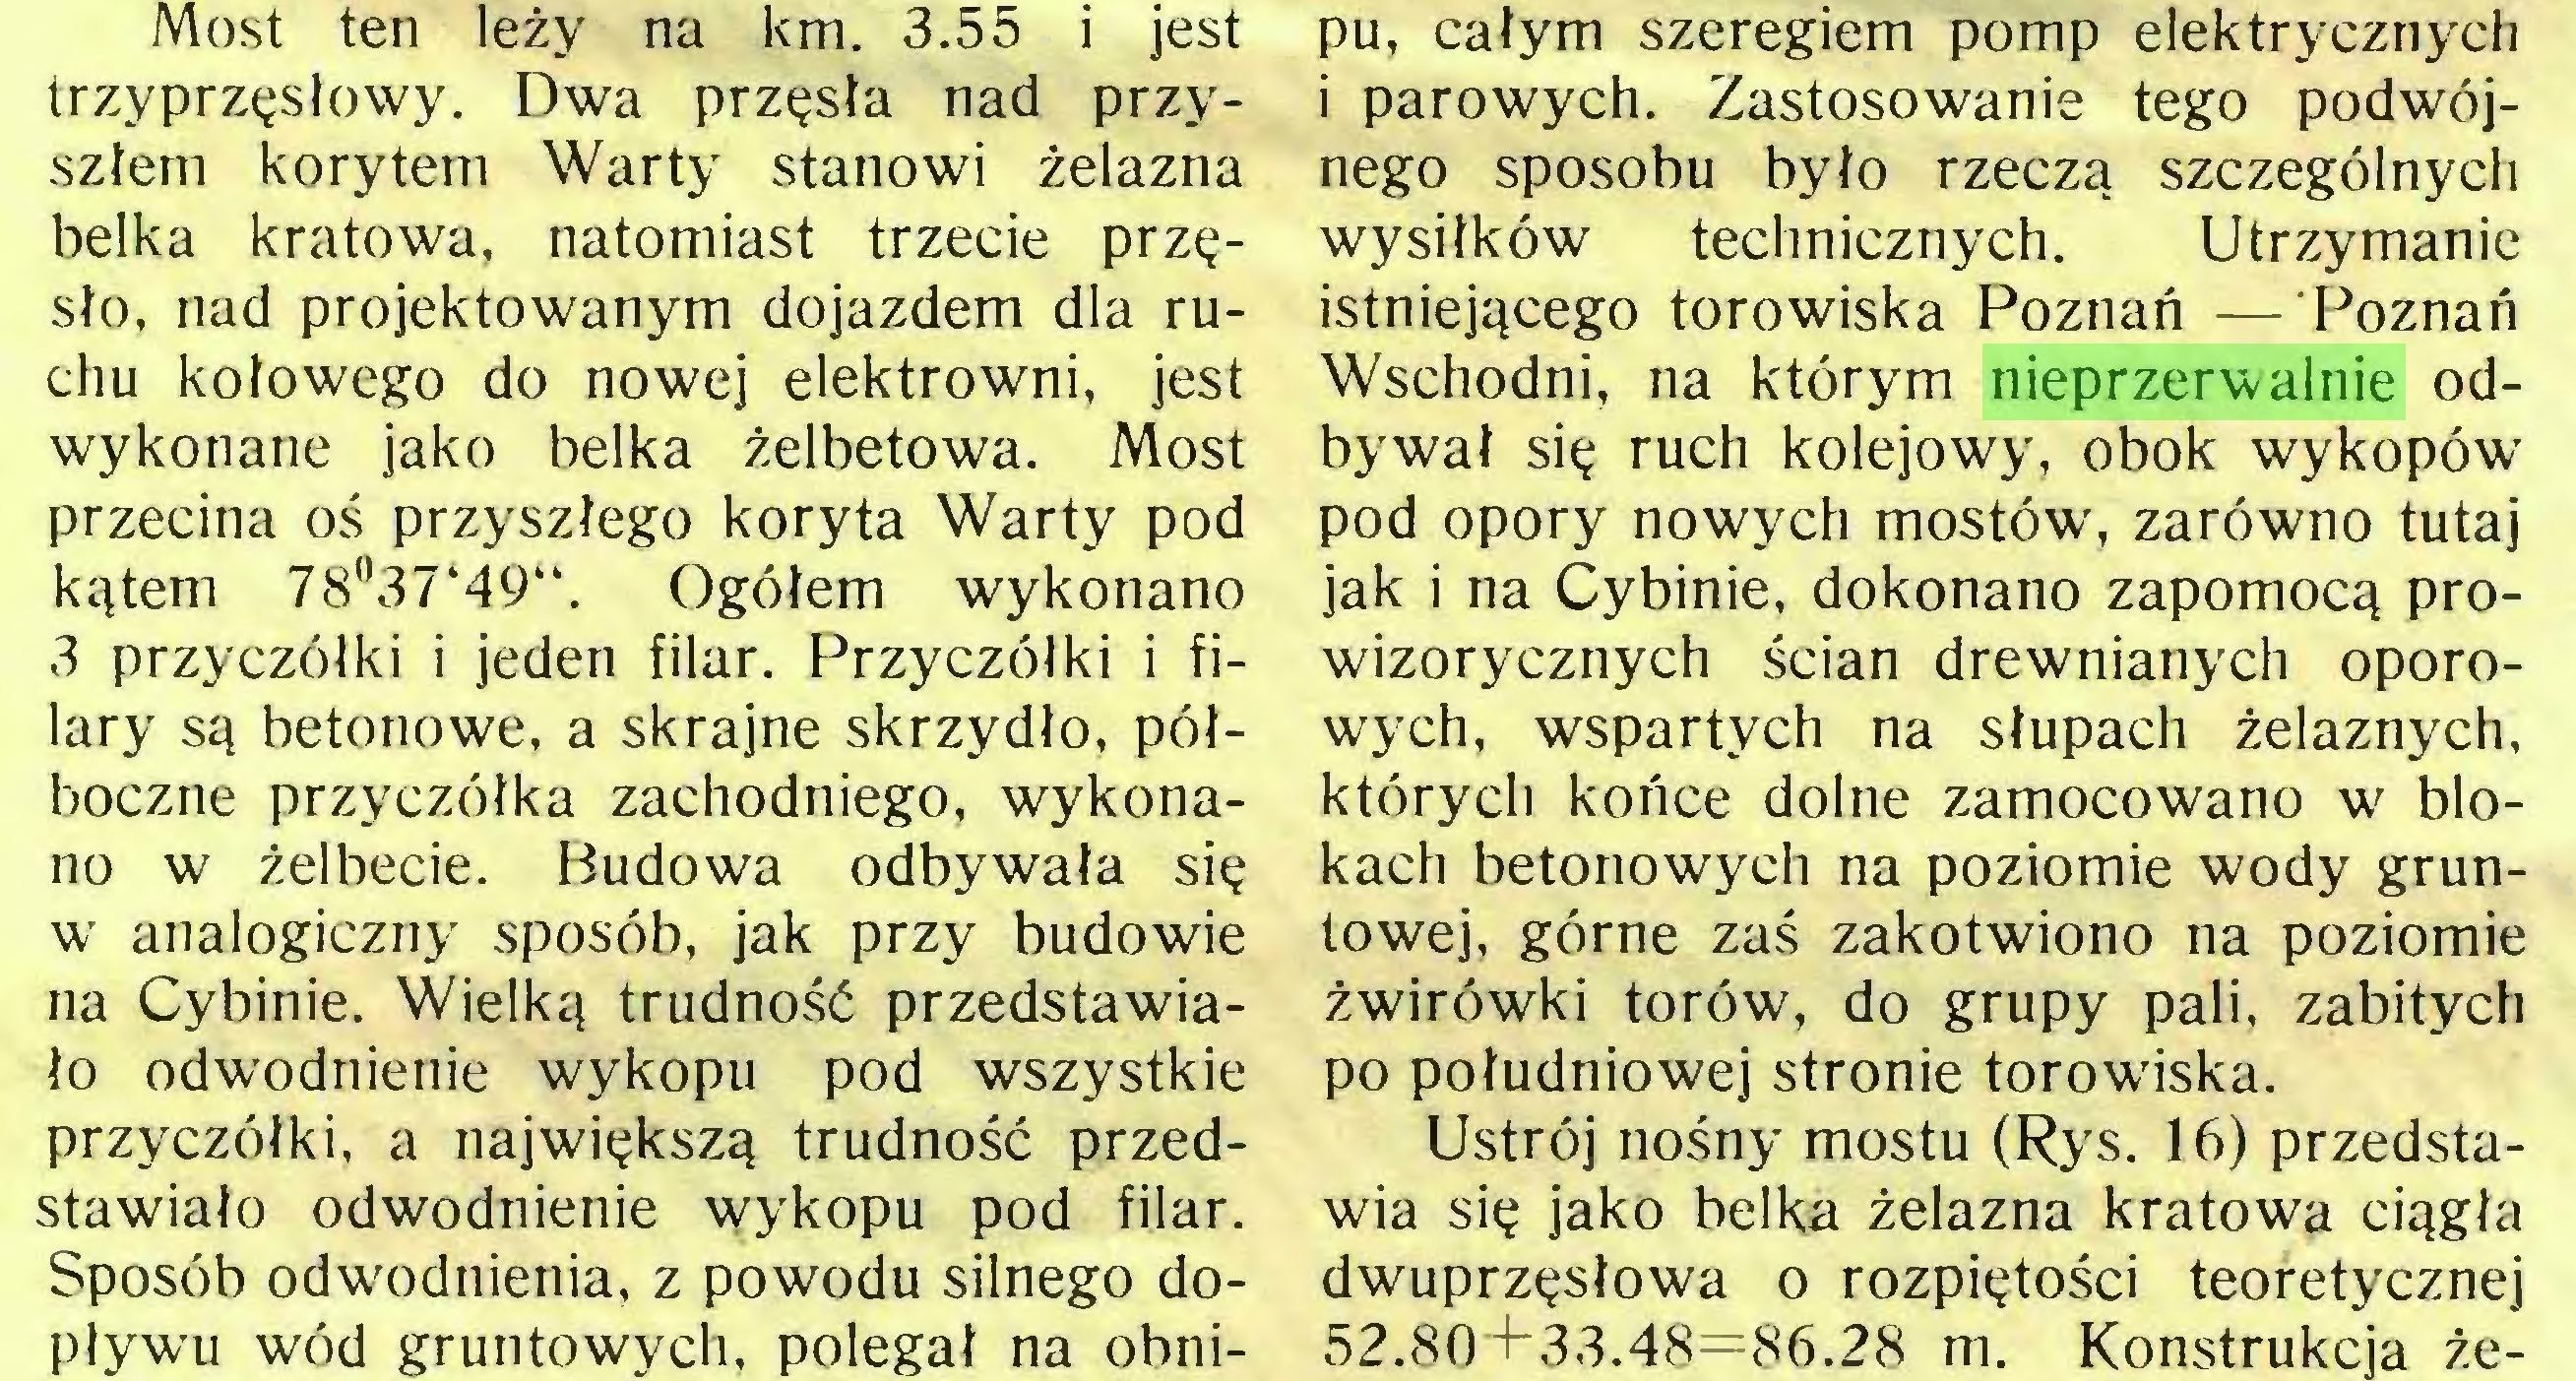 (...) Sposób odwodnienia, z powodu silnego dopływu wód gruntowych, polegał na obni- pu, całym szeregiem pomp elektrycznych i parowych. Zastosowanie tego podwójnego sposobu było rzeczą szczególnych wysiłków technicznych. Utrzymanie istniejącego torowiska Poznań — Poznań Wschodni, na którym nieprzerwalnie odbywał się ruch kolejowy, obok wykopów pod opory nowych mostów, zarówno tutaj jak i na Cybinie, dokonano zapomocą prowizorycznych ścian drewnianych oporowych, wspartych na słupach żelaznych, których końce dolne zamocowano w blokach betonowych na poziomie wody gruntowej, górne zaś zakotwiono na poziomie żwirówki torów, do grupy pali, zabitych po południowej stronie torowiska...